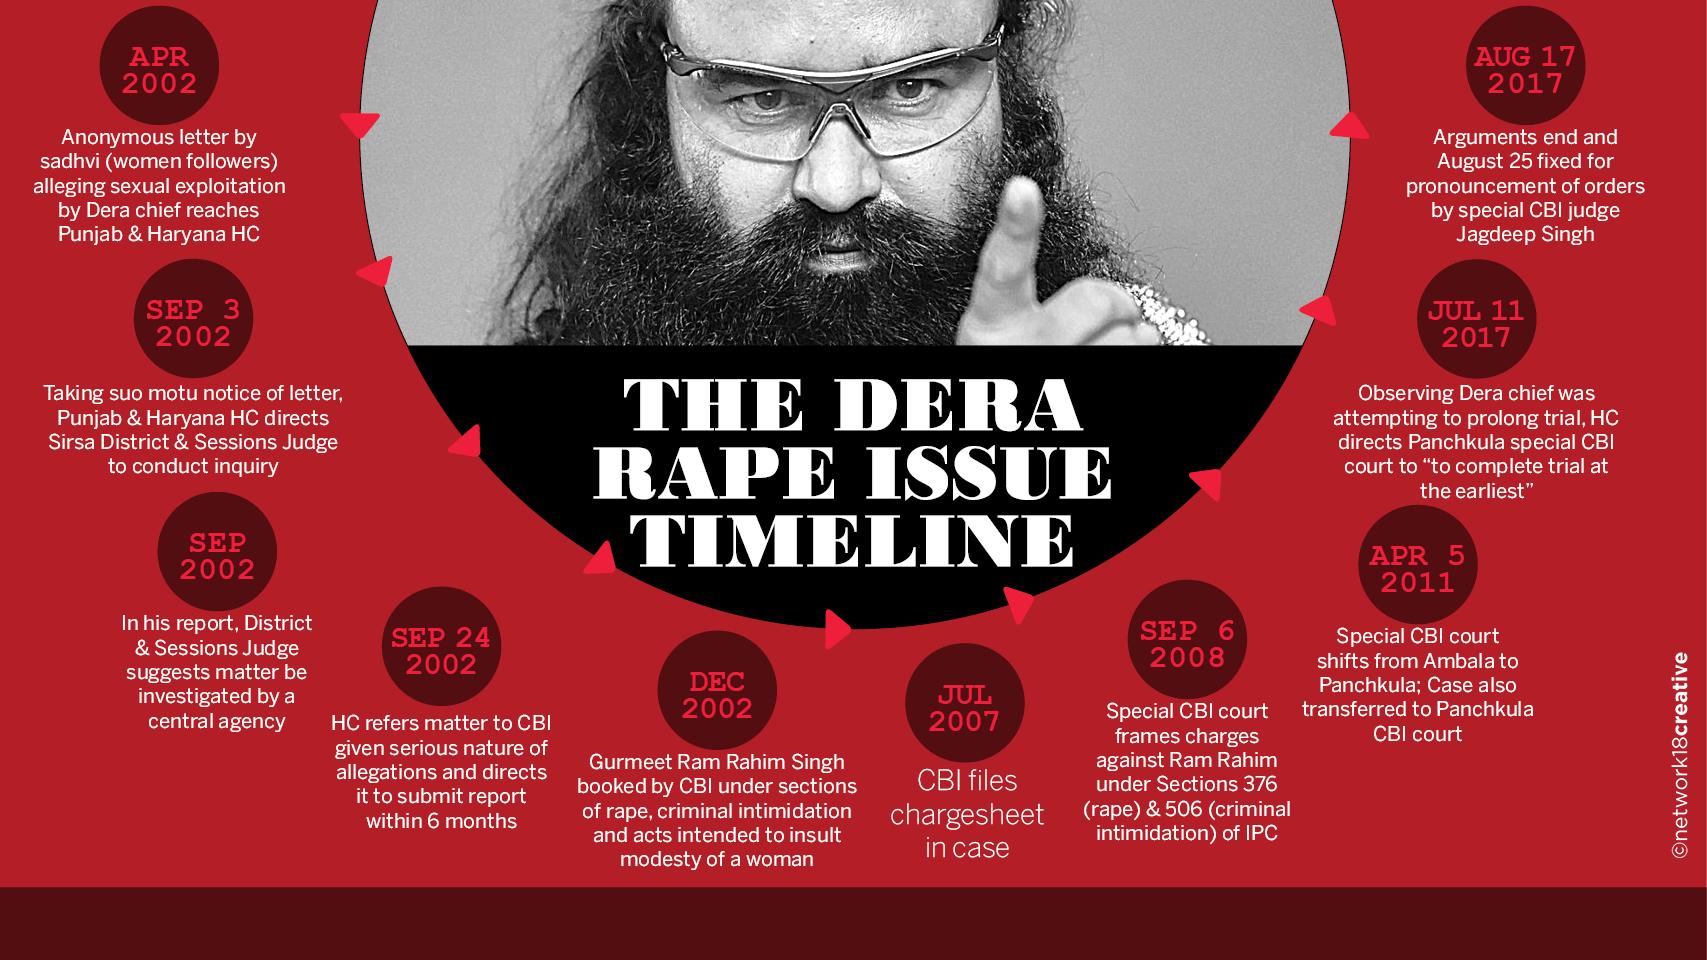 dera Rape Timeline